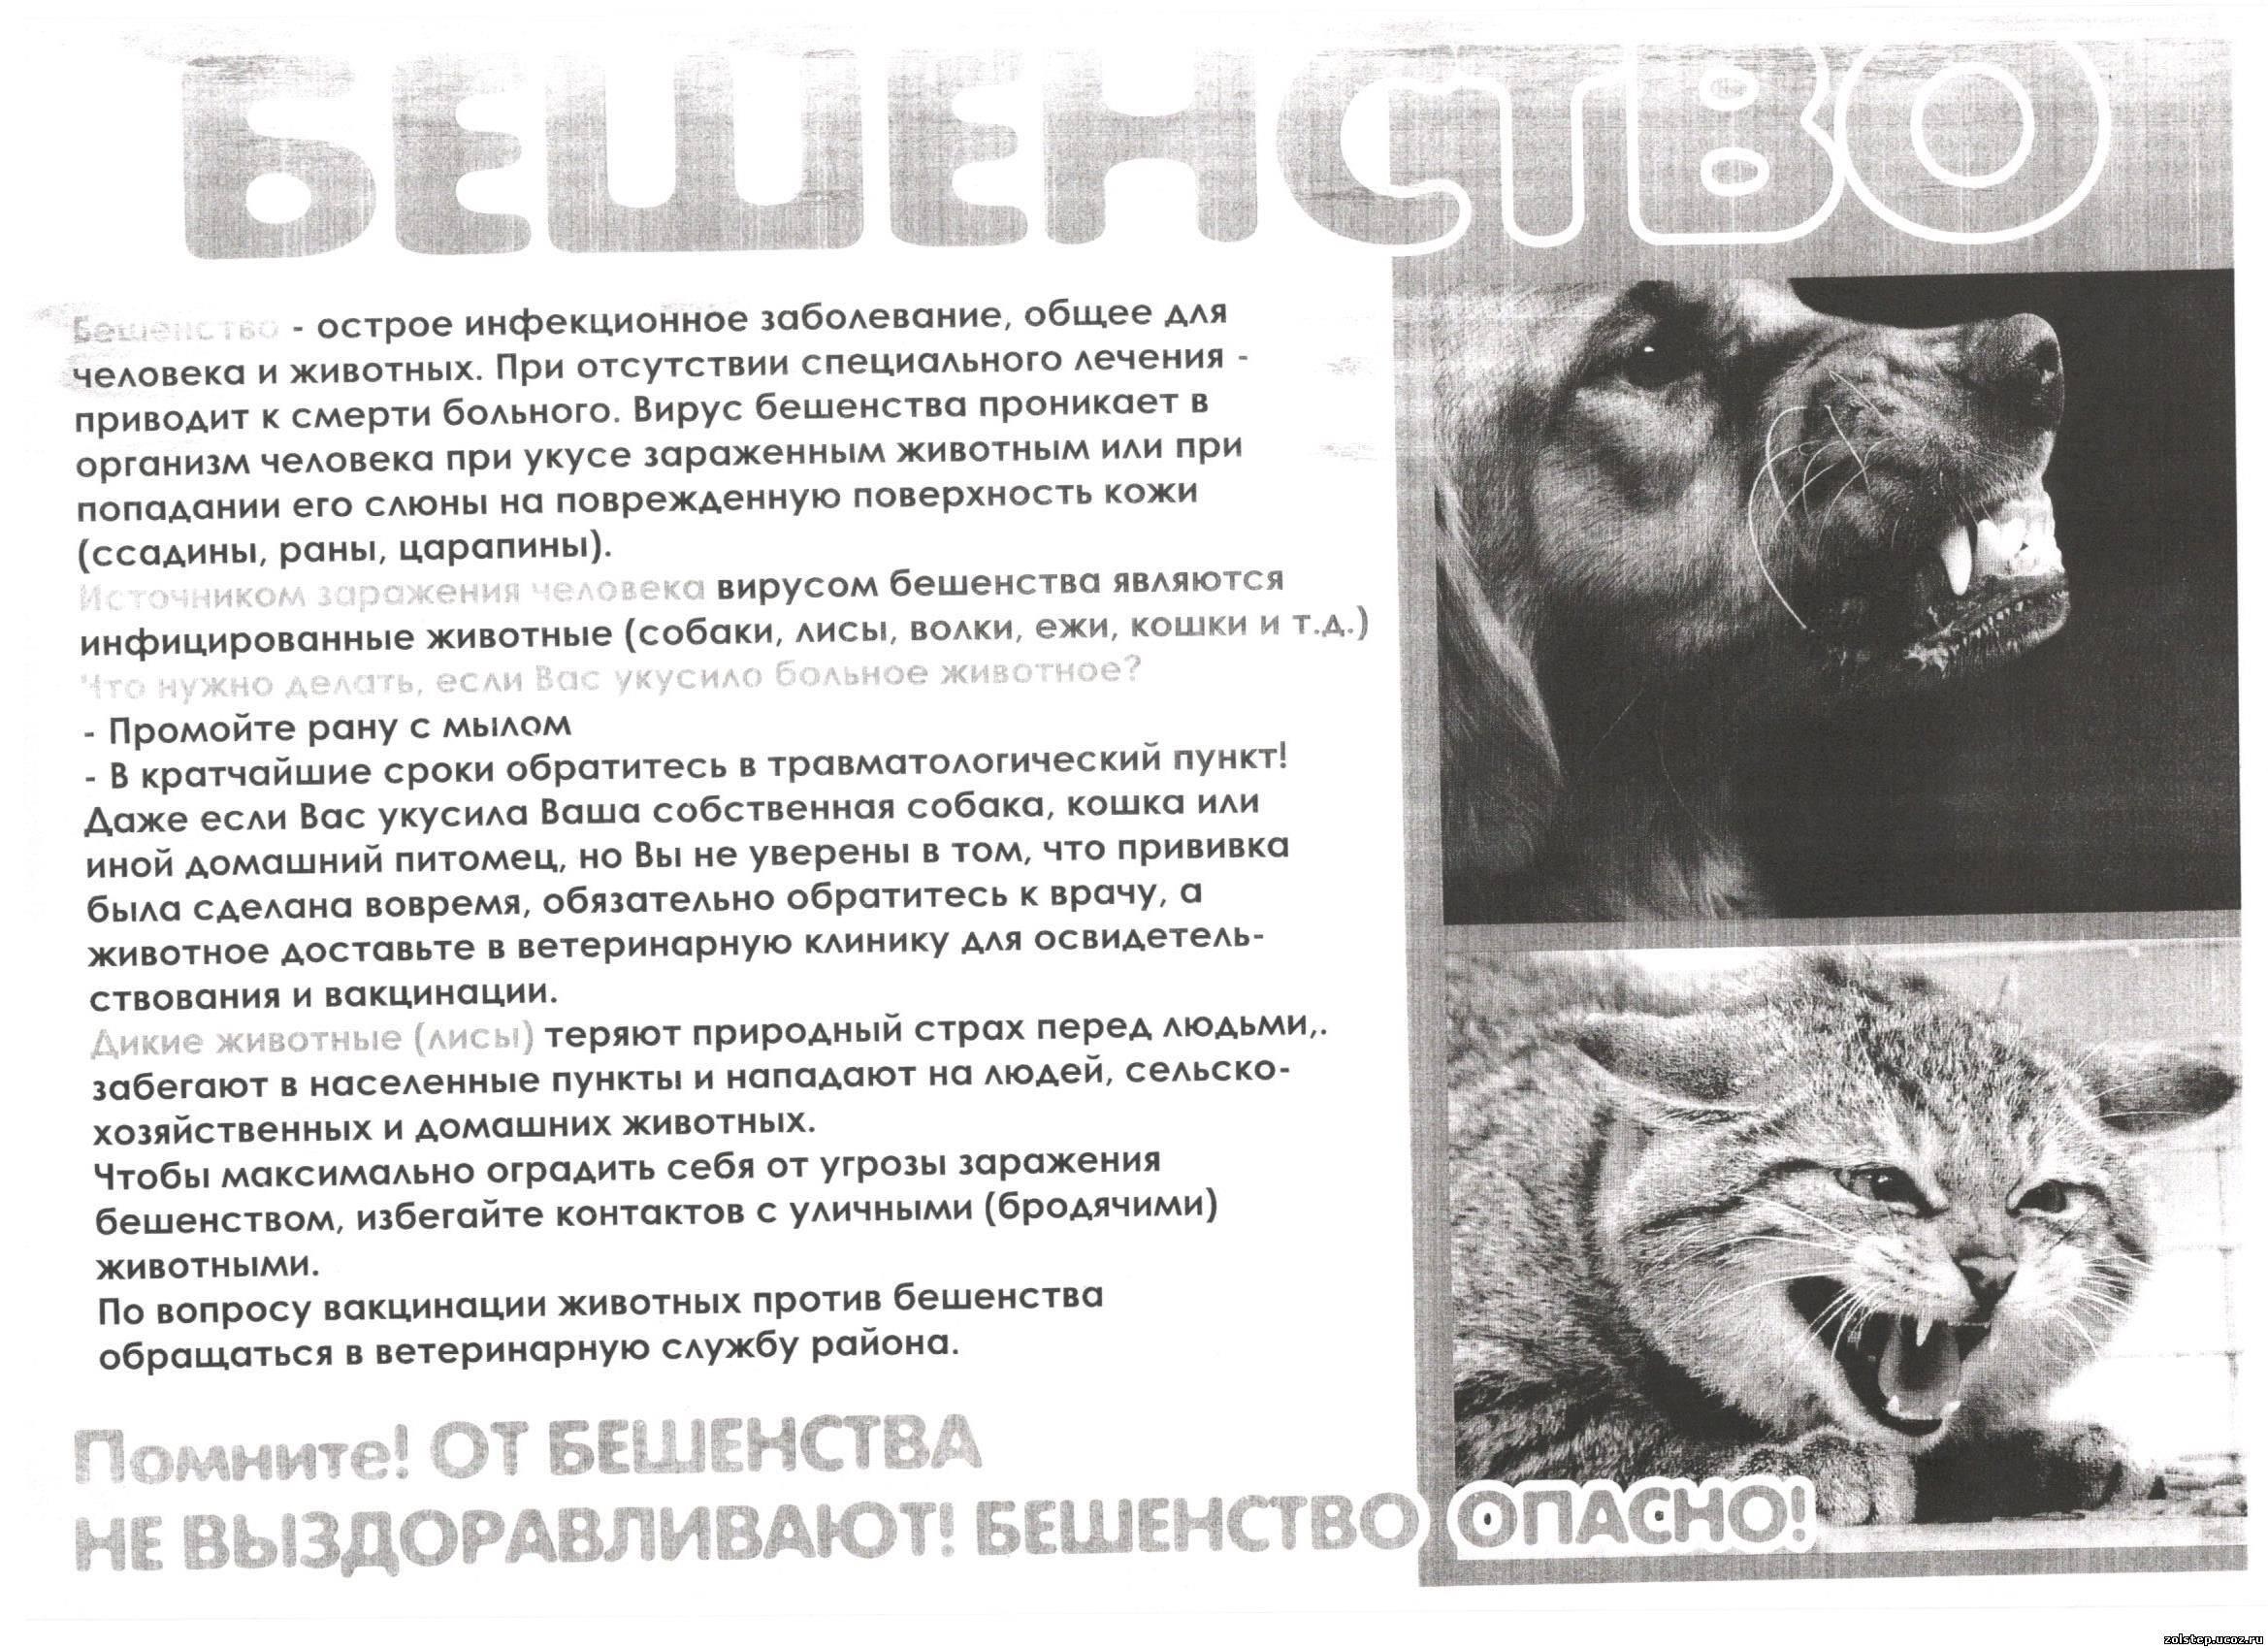 Бешенство у кошек - симптомы, опасность, инкубационный период, лечение, профилактика